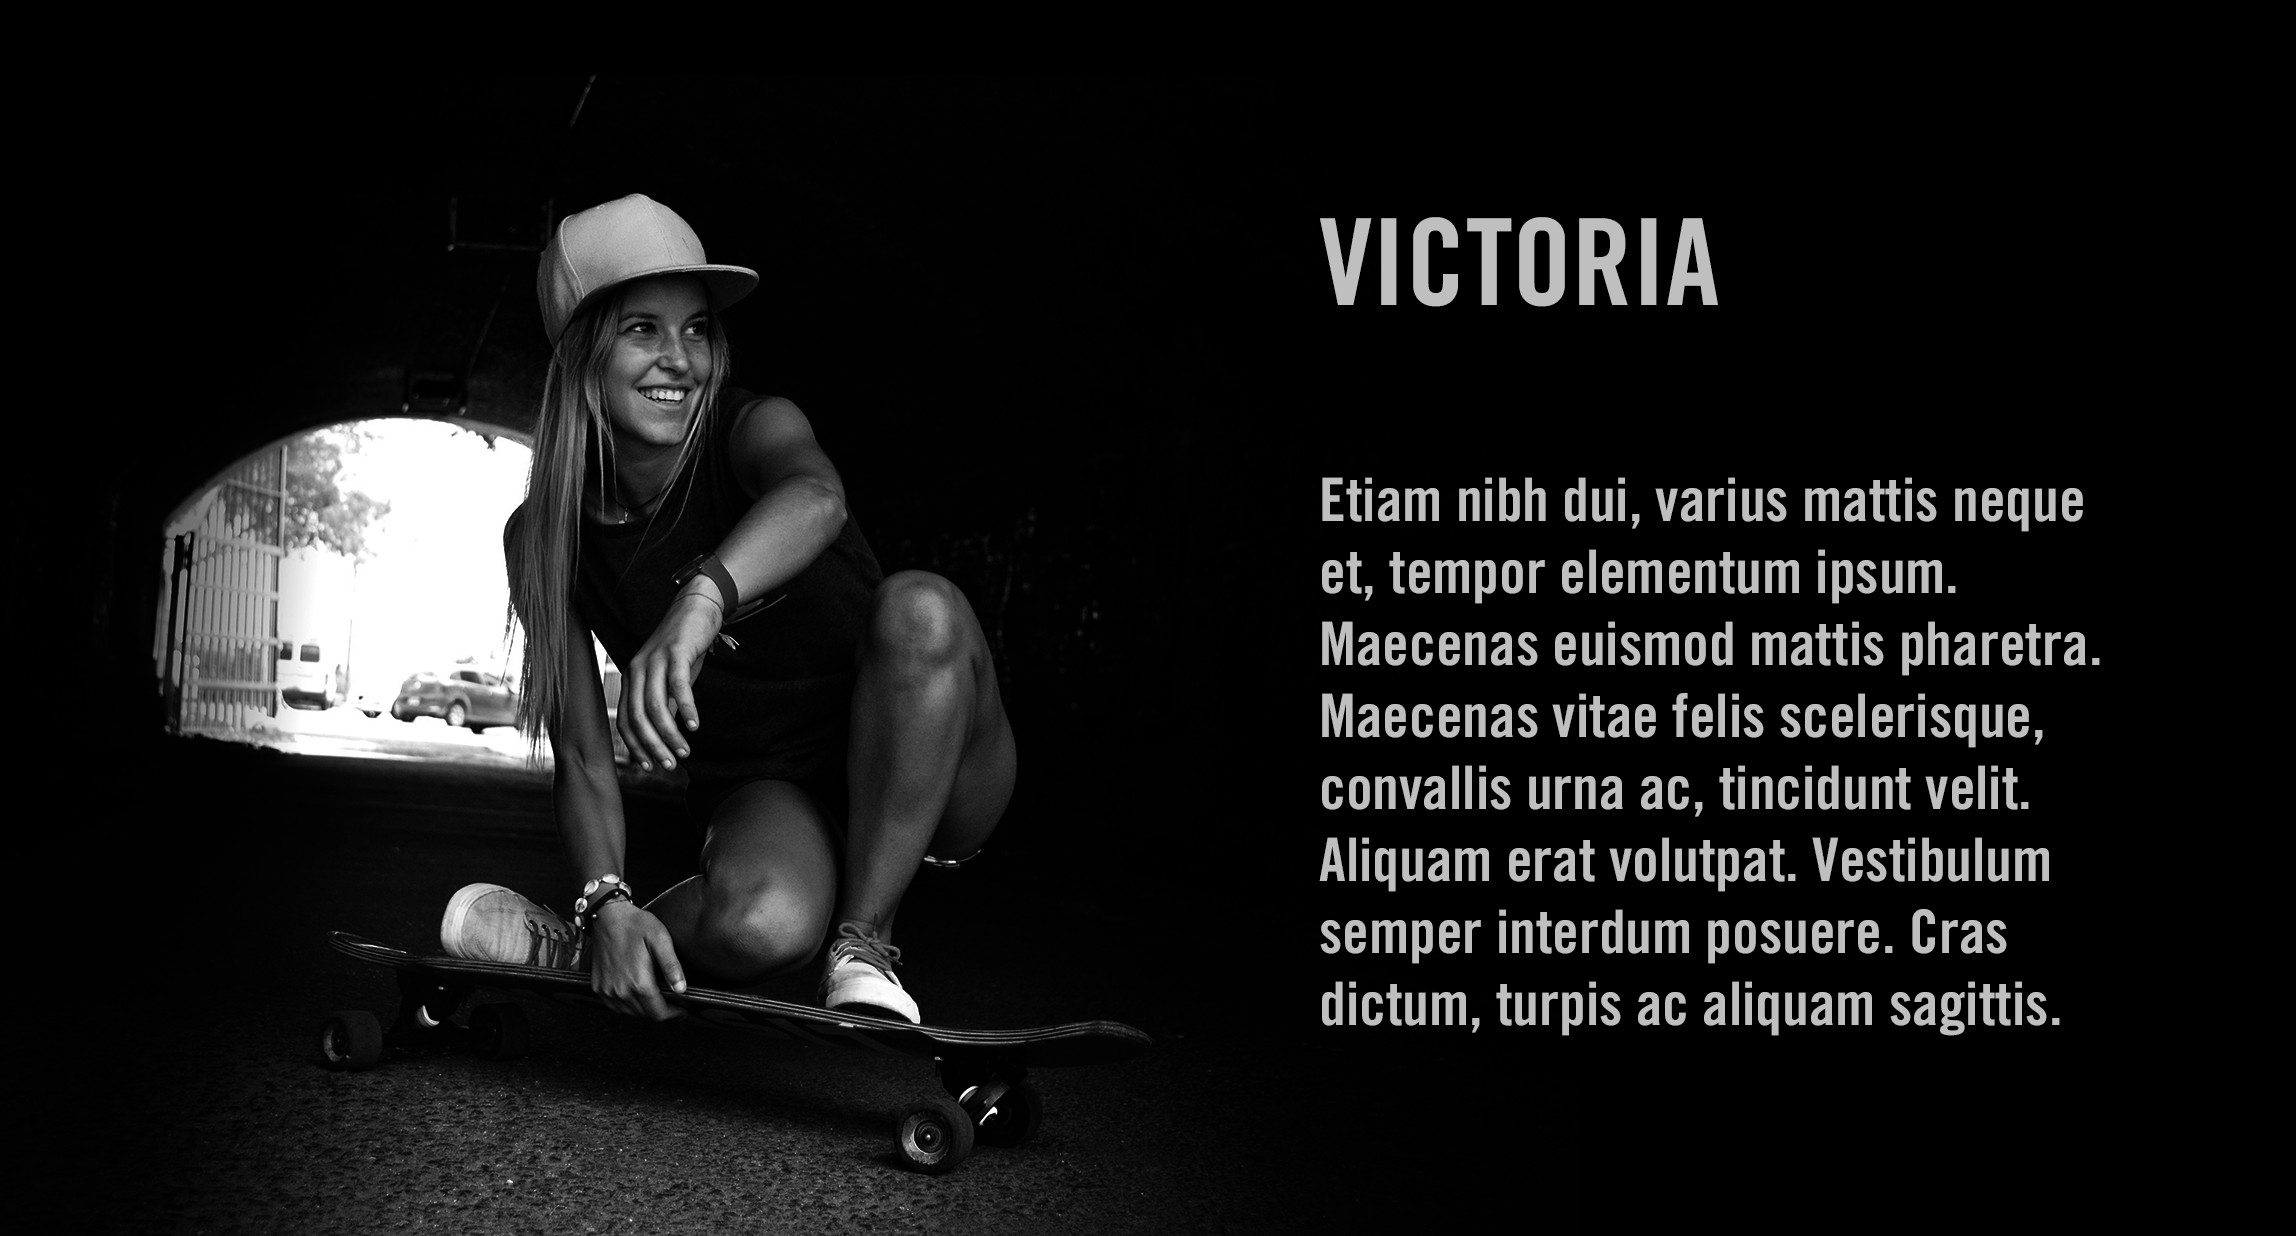 Victoria.png